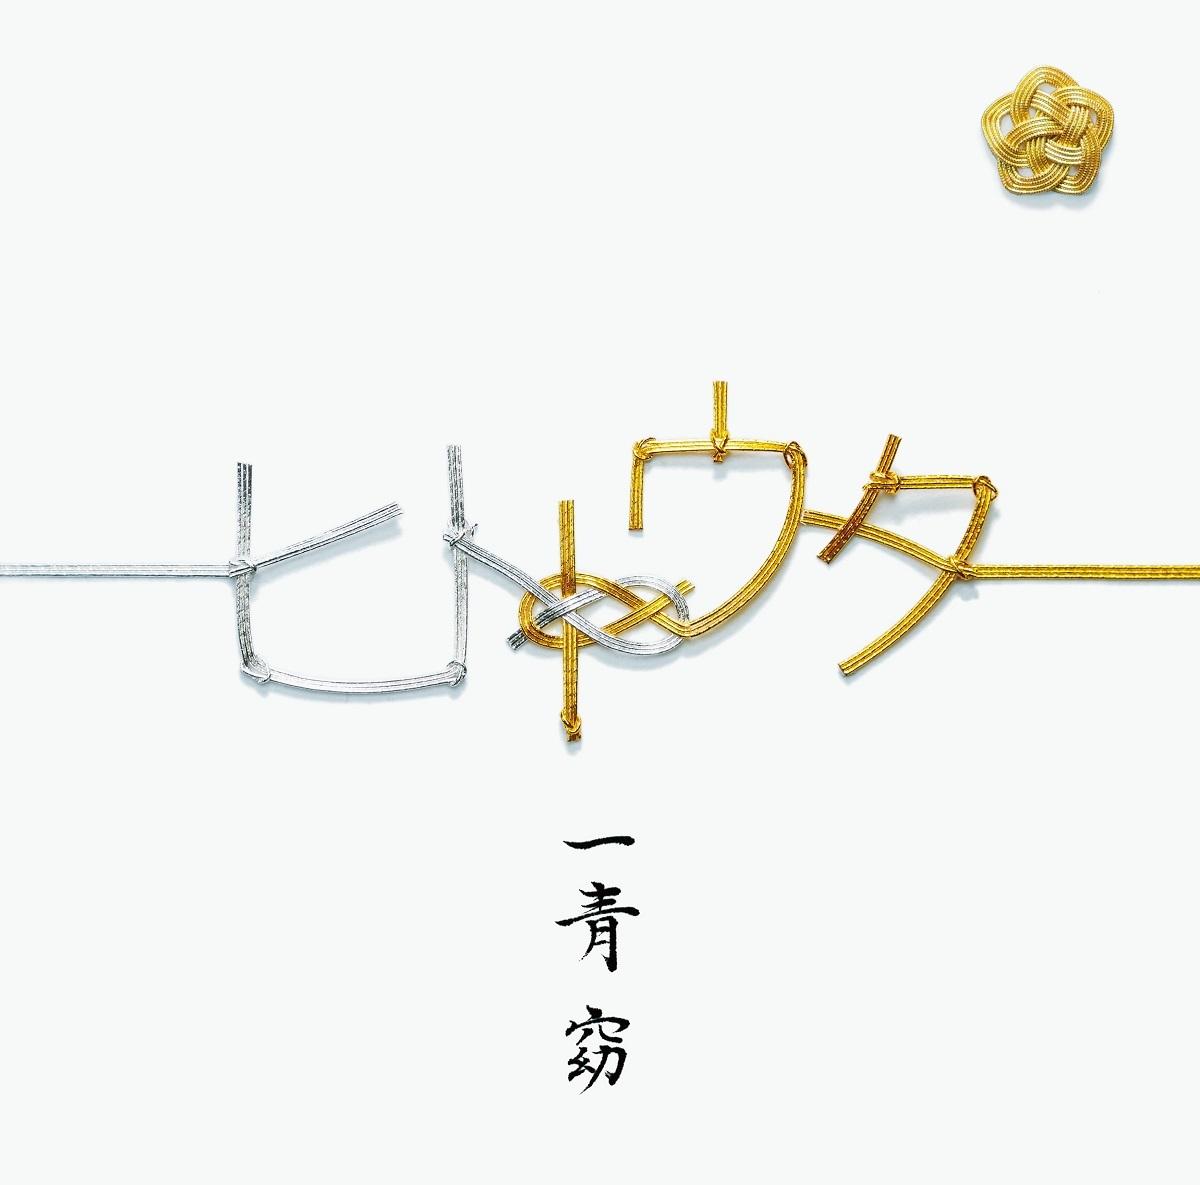 一青窈 カバーアルバム『ヒトトウタ』初回限定盤